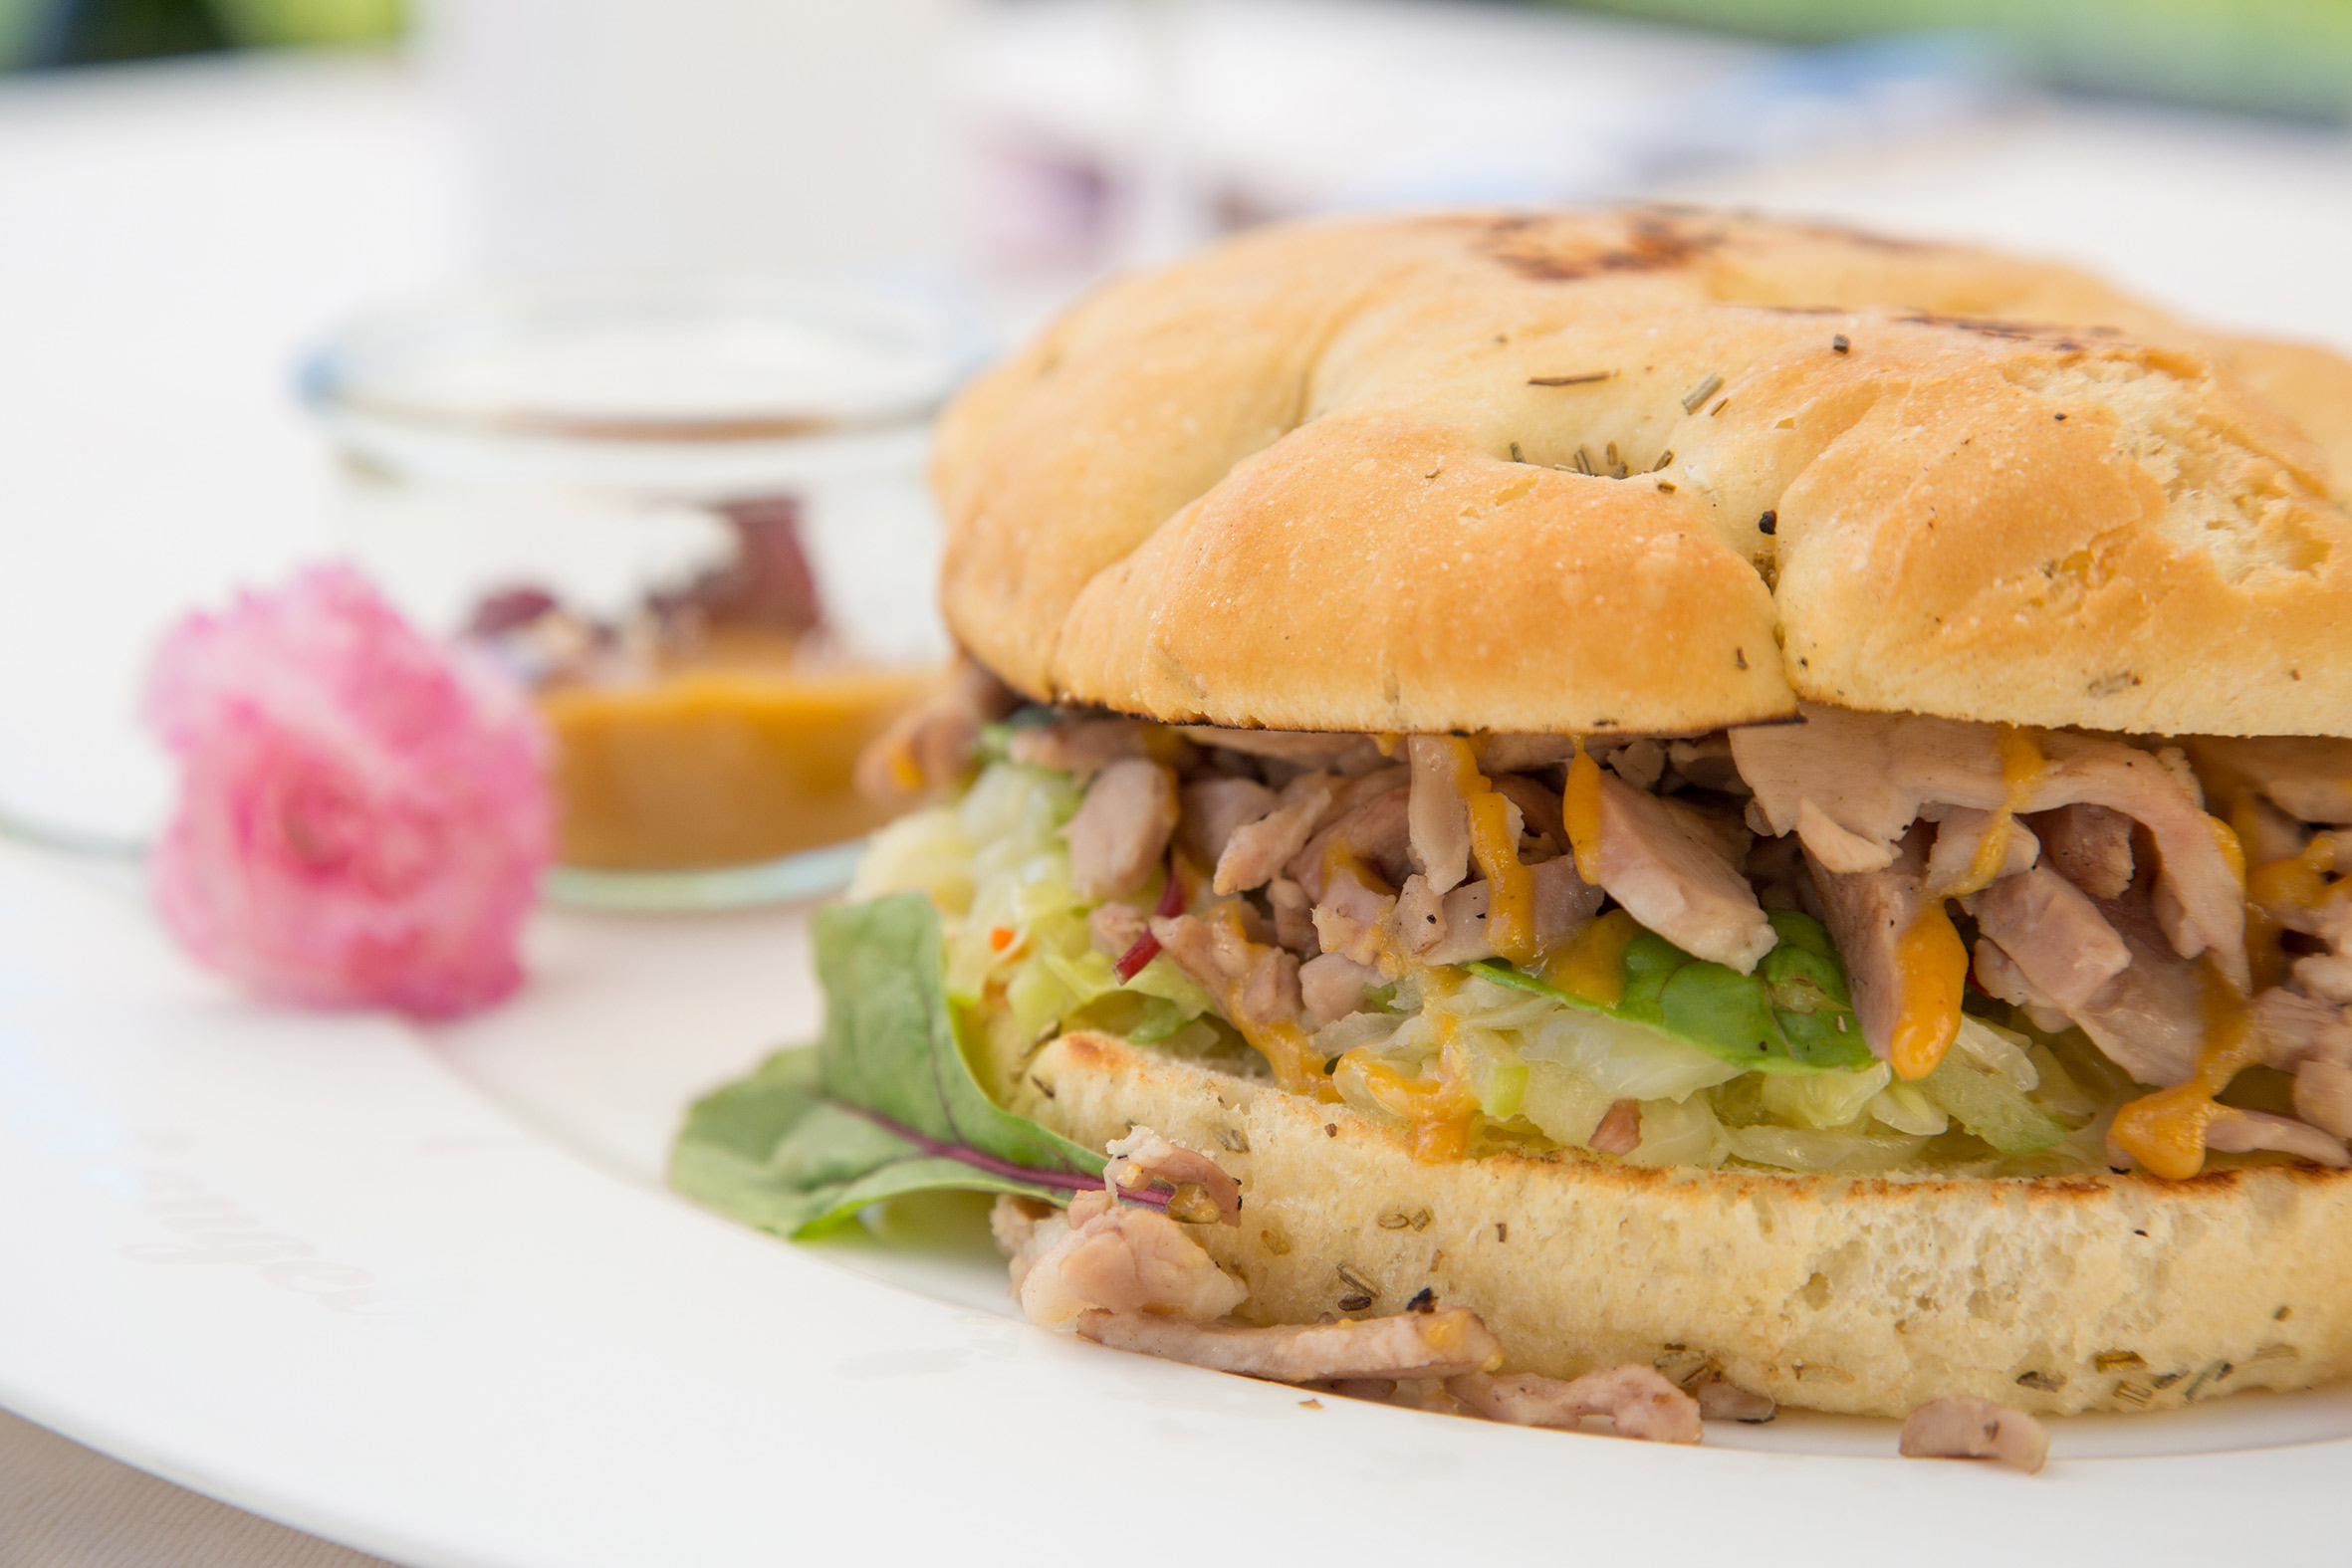 elparadiso-kulinarik-burger.jpg